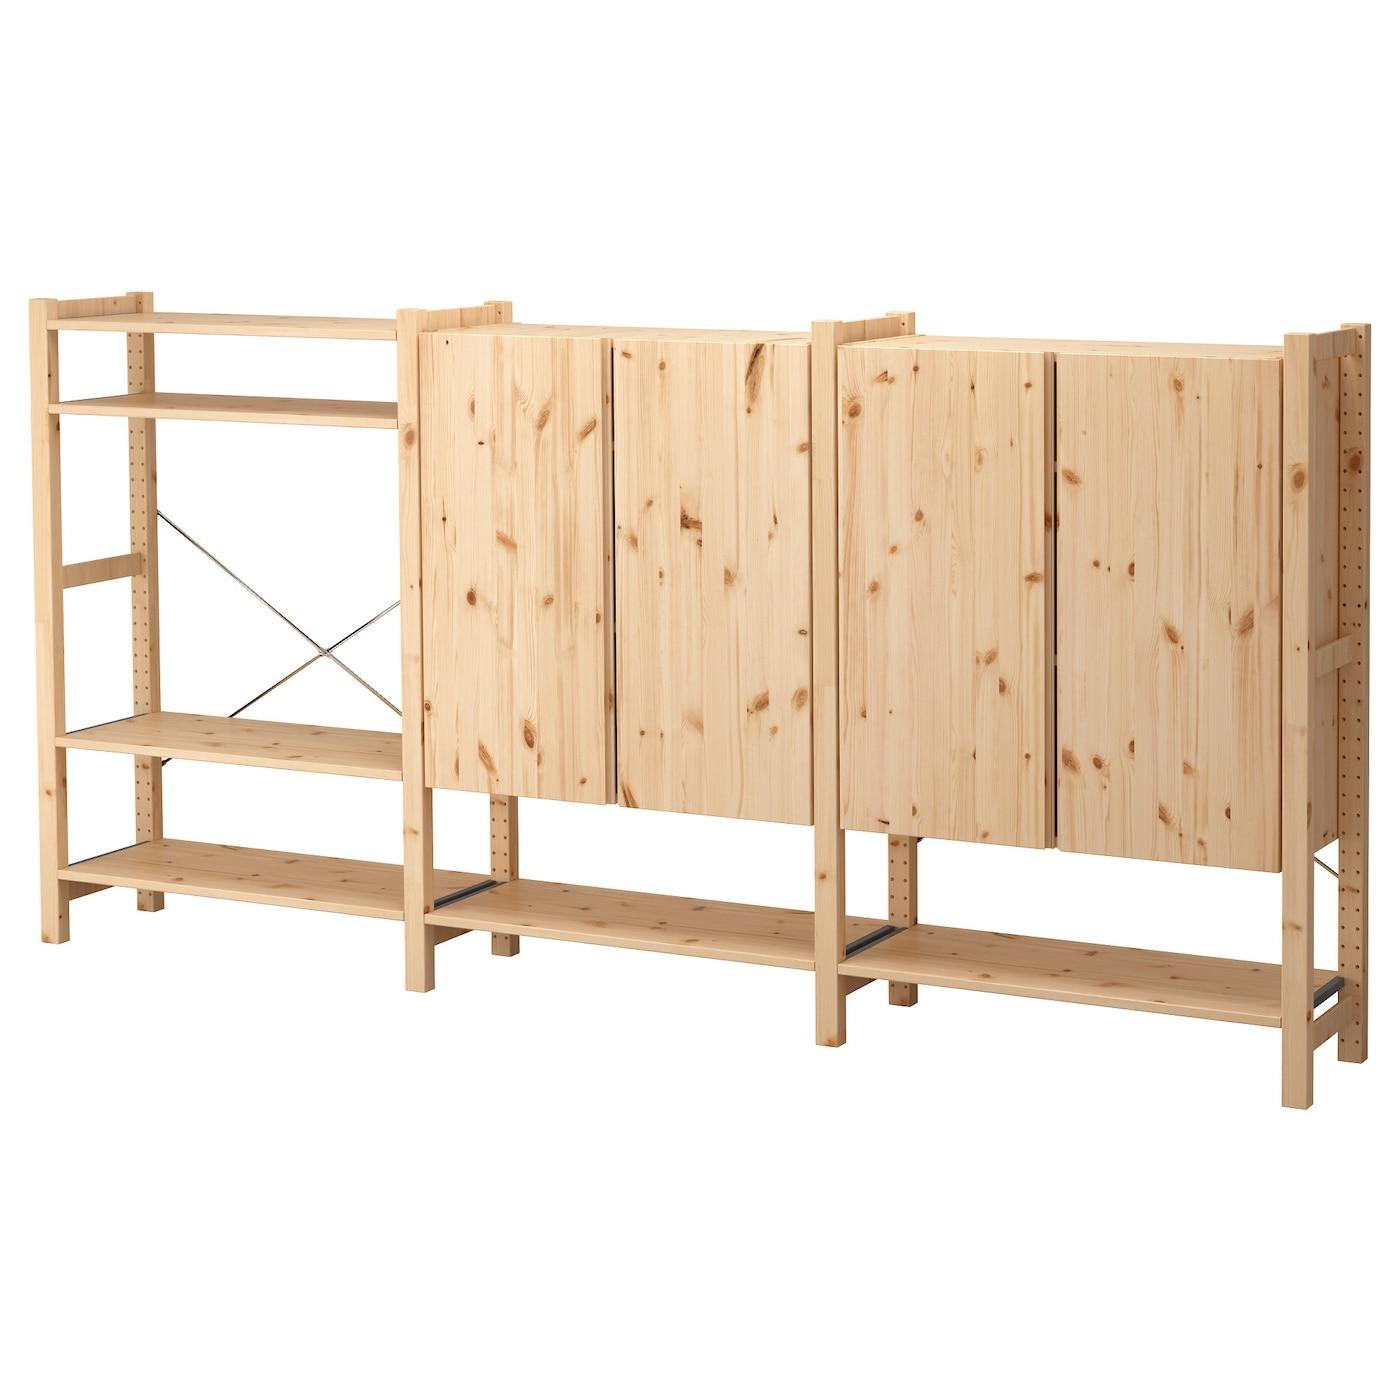 ivar 3 sections shelves cabinet pine 259x30x124 cm ikea. Black Bedroom Furniture Sets. Home Design Ideas